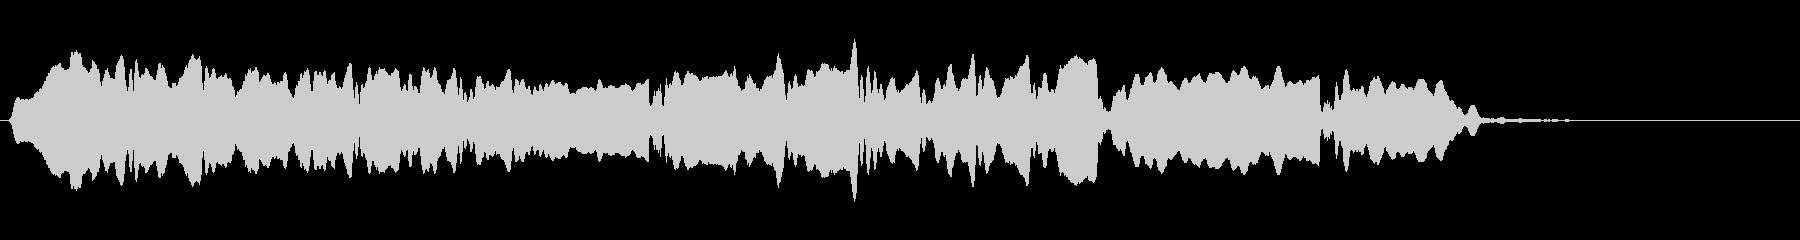 音侍SE「尺八フレーズ1」エニグマ音12の未再生の波形